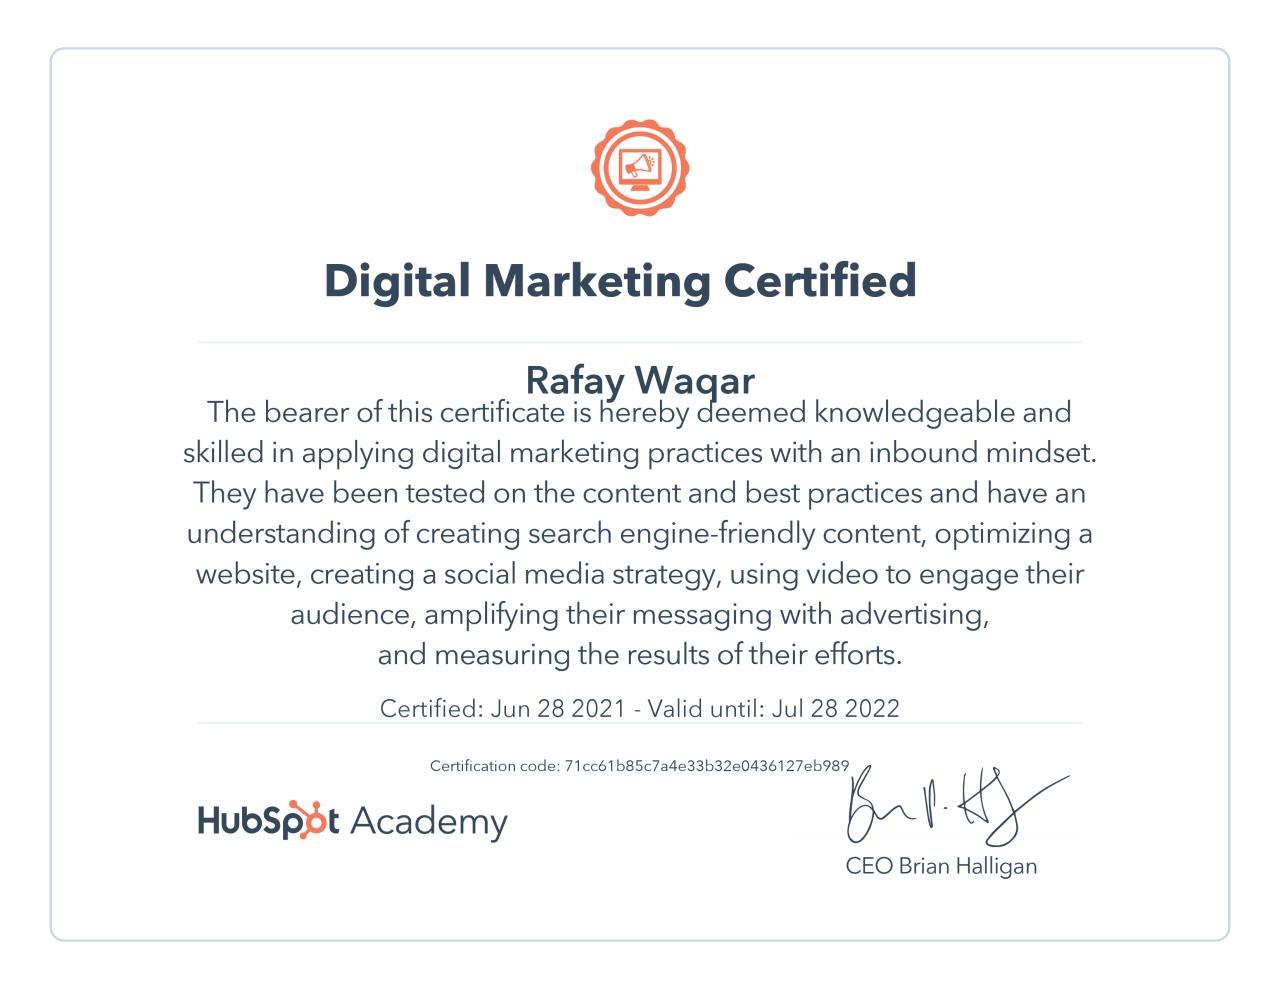 hubspot digital marketing certification